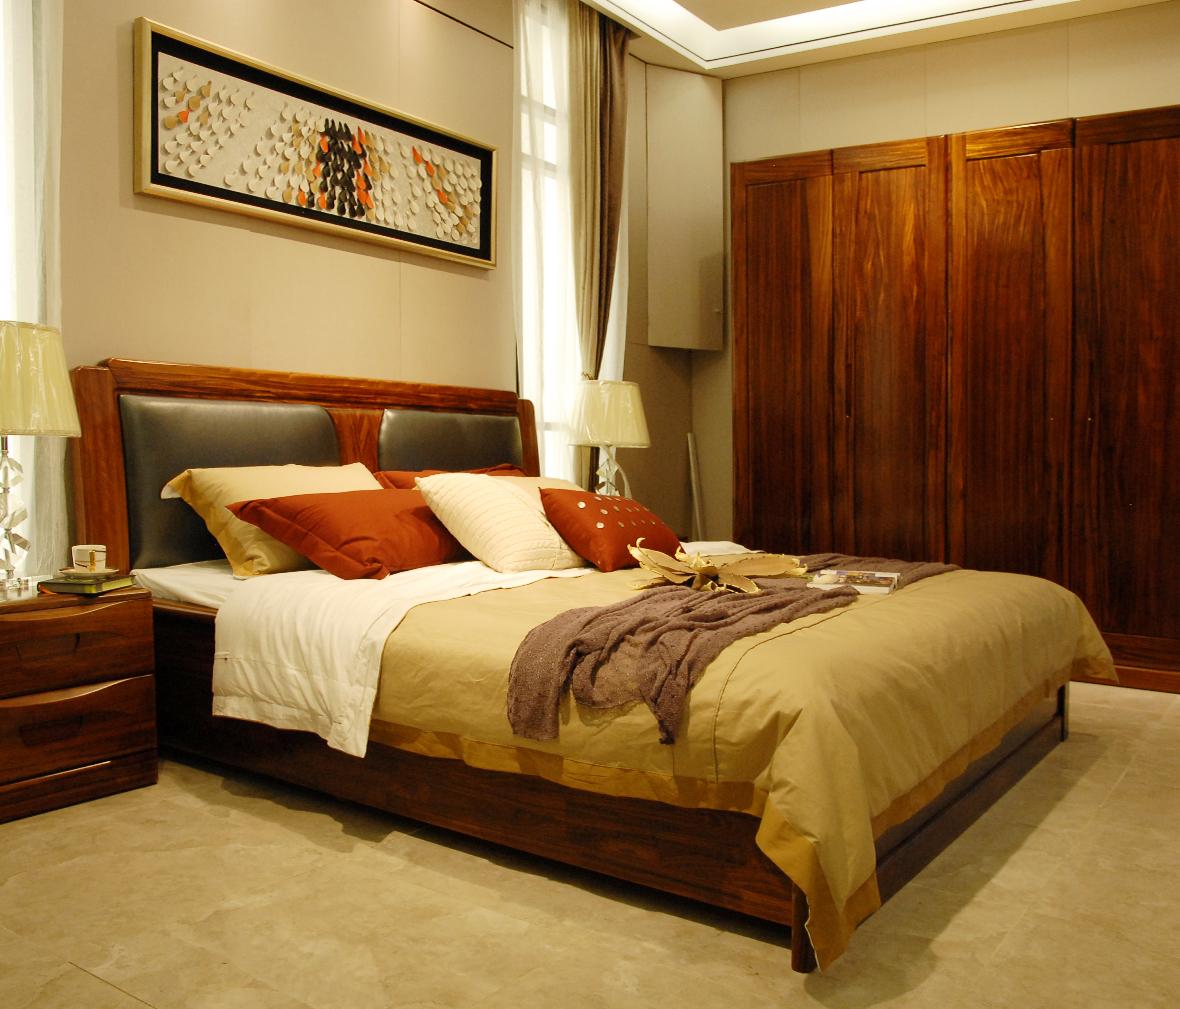 型号松木儿童床 欧式风格滑梯床  眼缘:0  酷漫居儿童家具 snb-a102图片